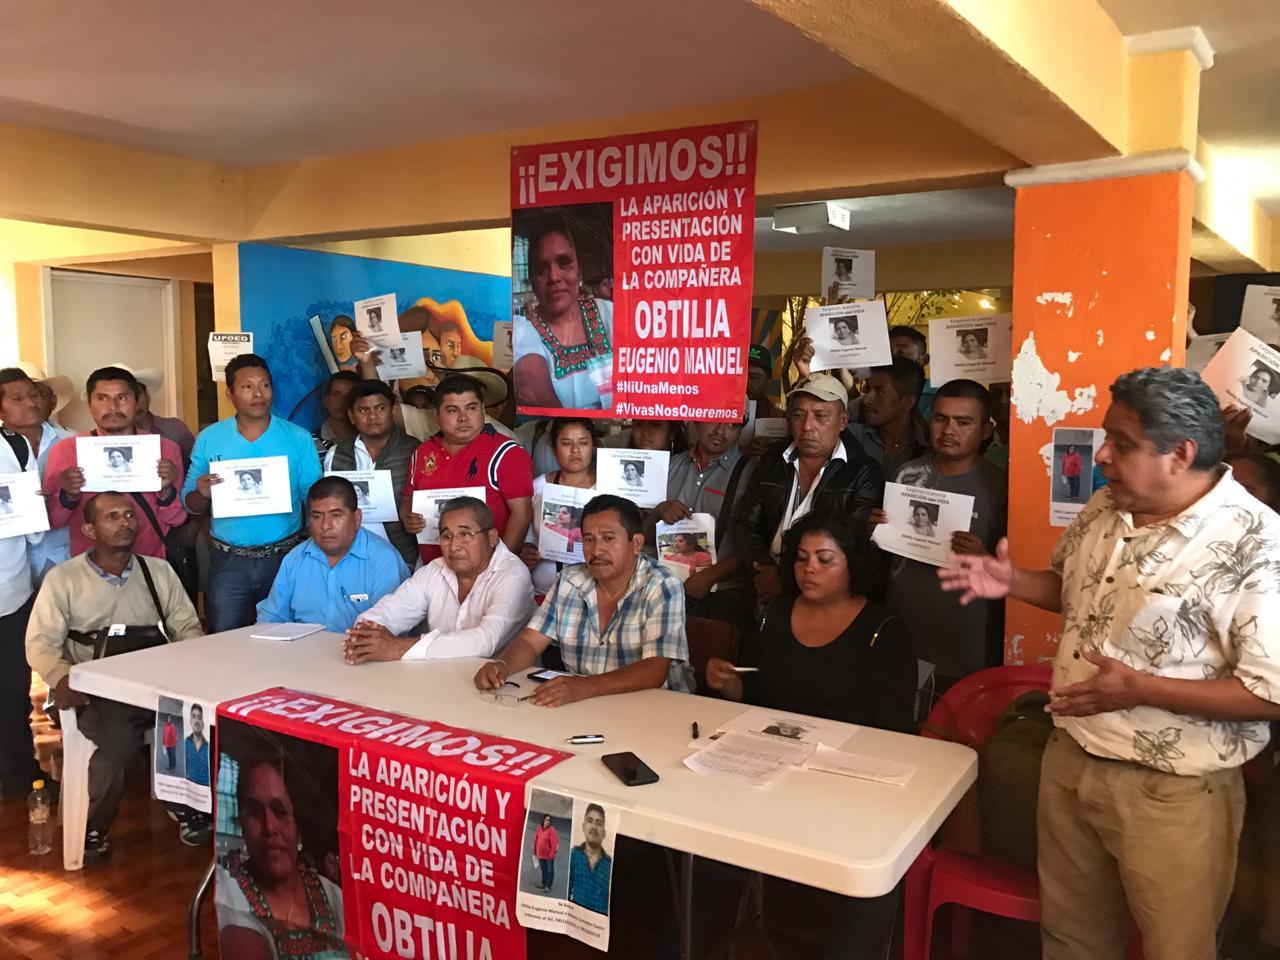 Exige Concejo de Ayutla que FGR atraiga investigación por la desaparición de Obtilia